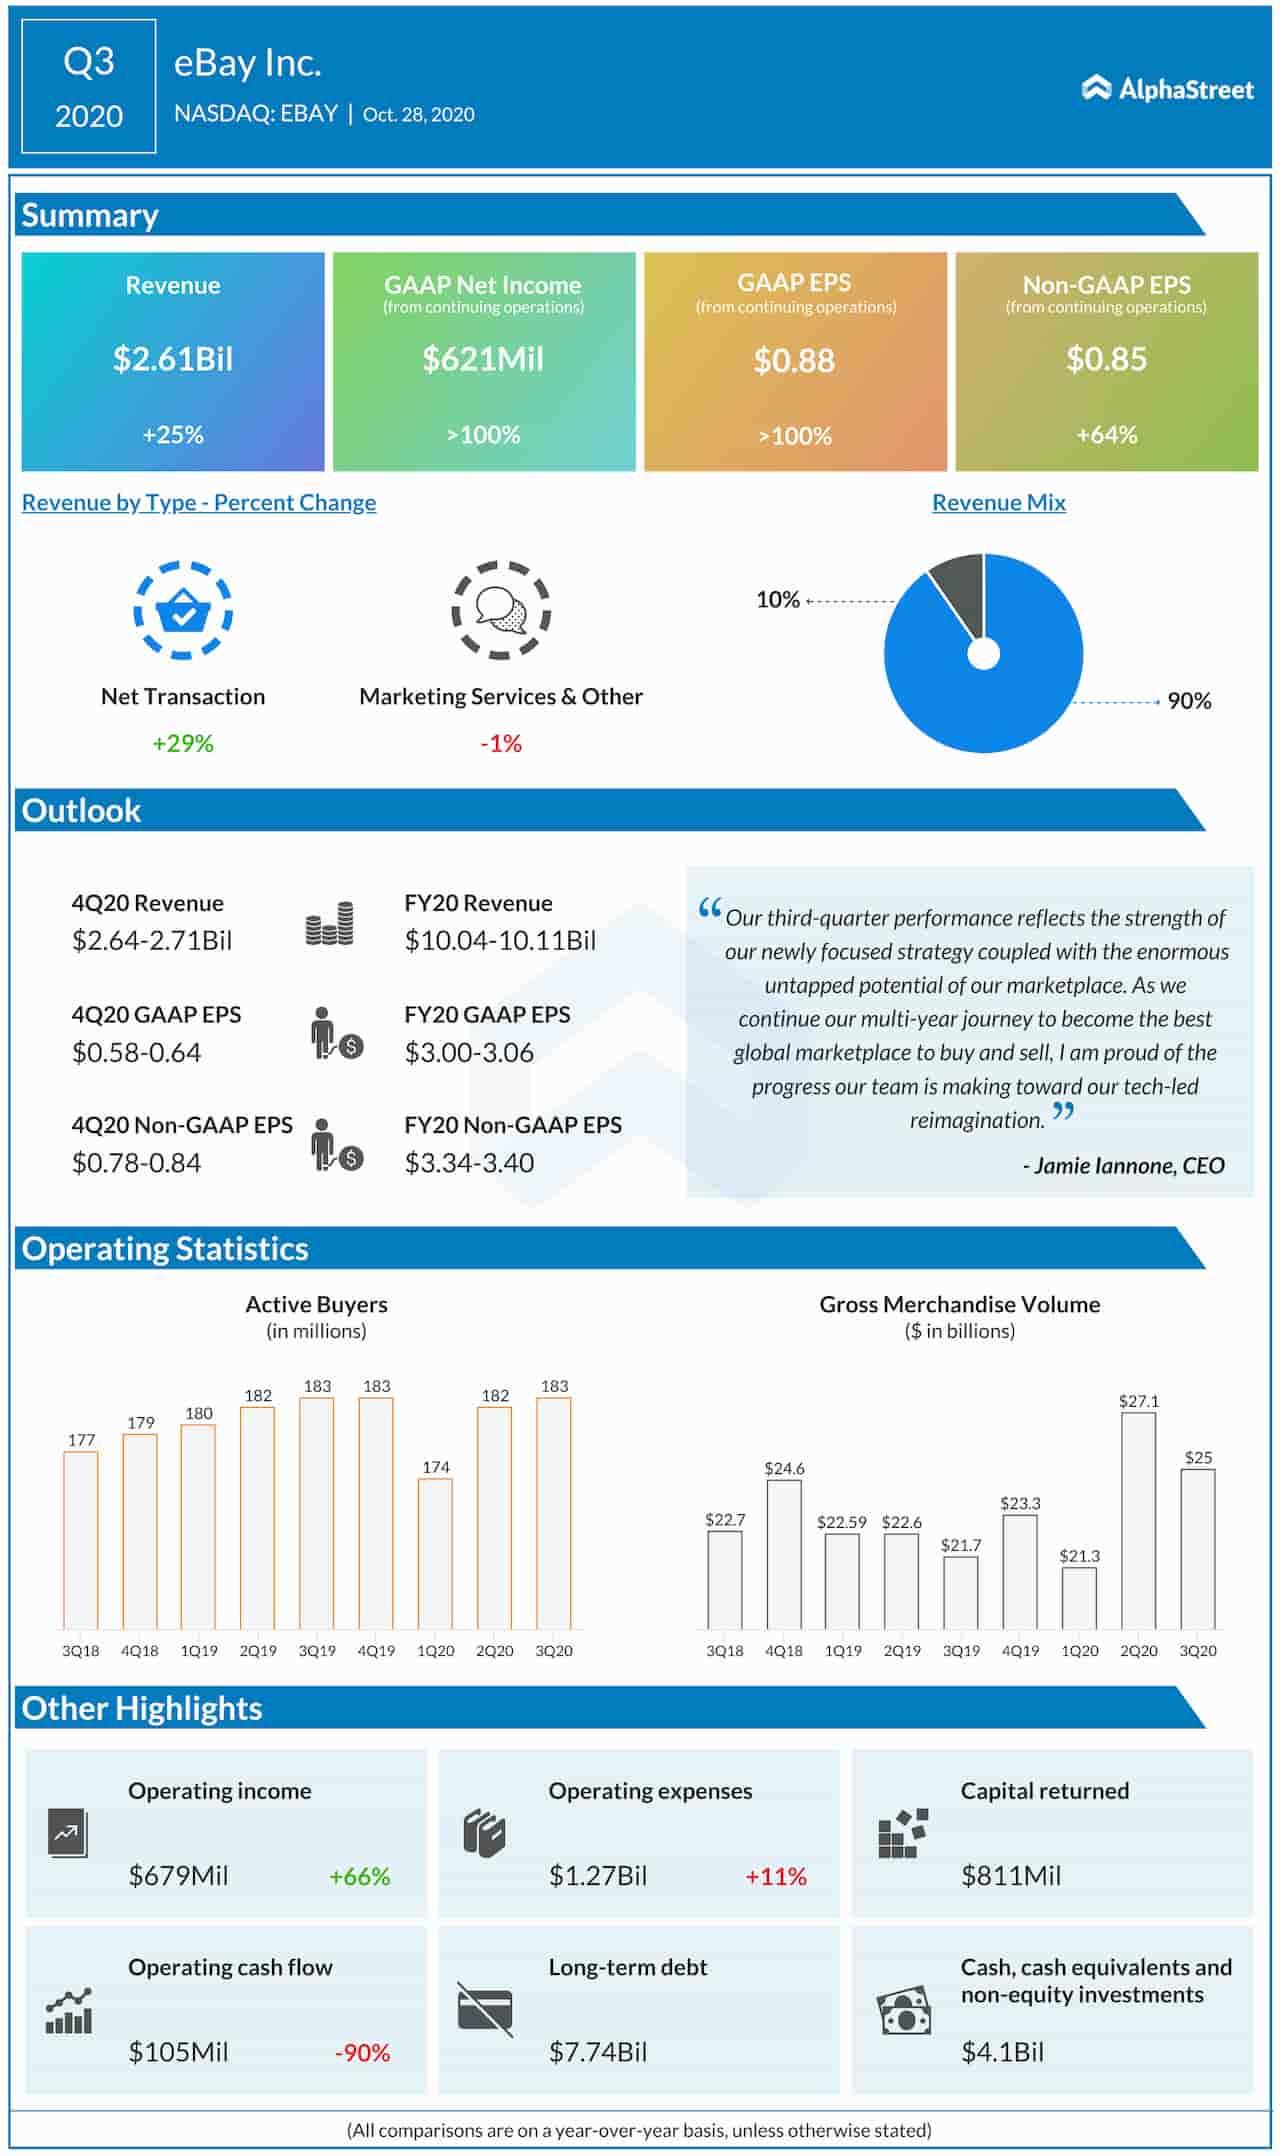 eBay Q3 2020 earnings infographic